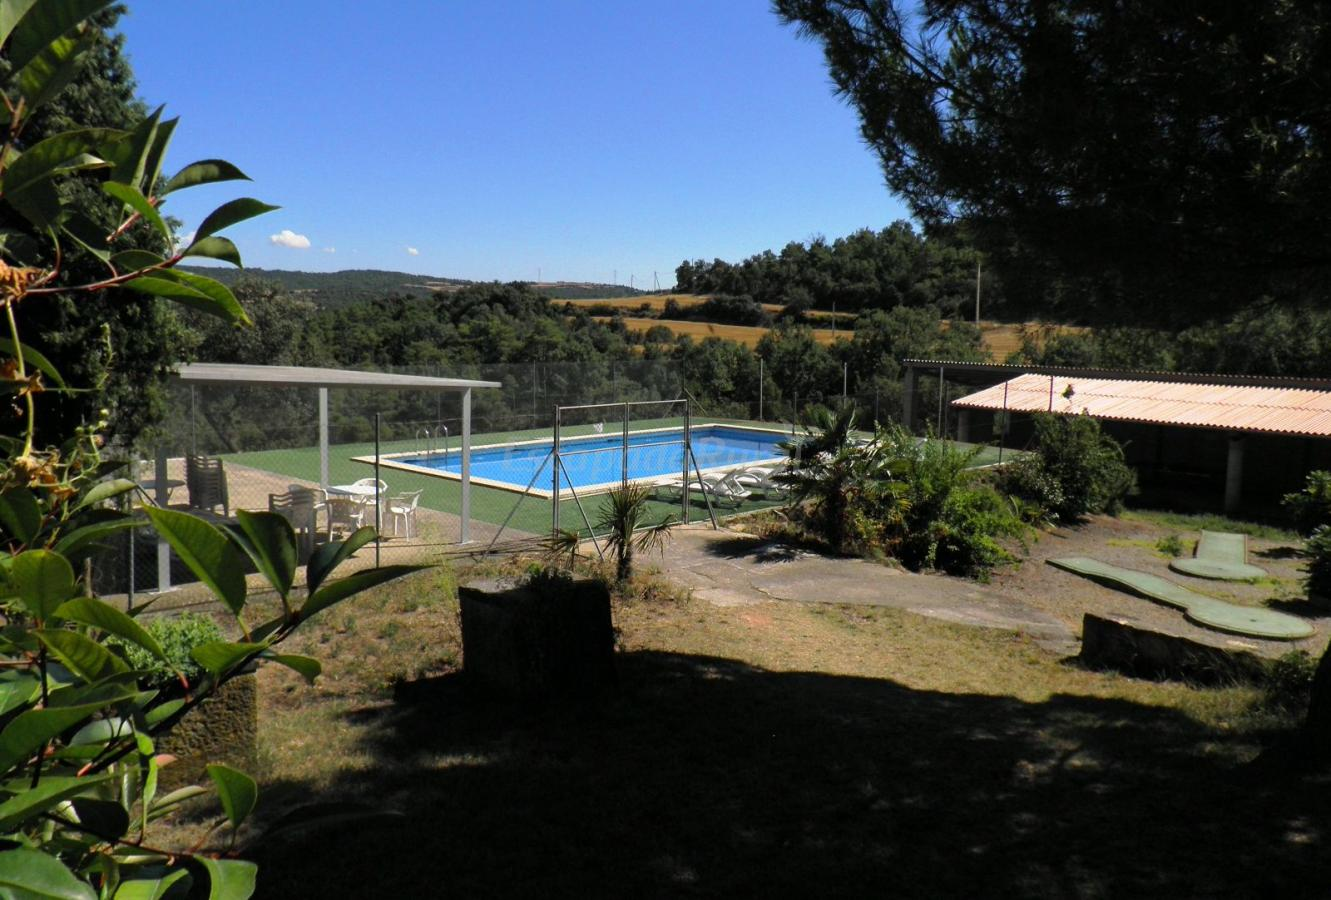 Fotos de la collita casa rural en vallferosa lleida - Casas rurales lleida piscina ...